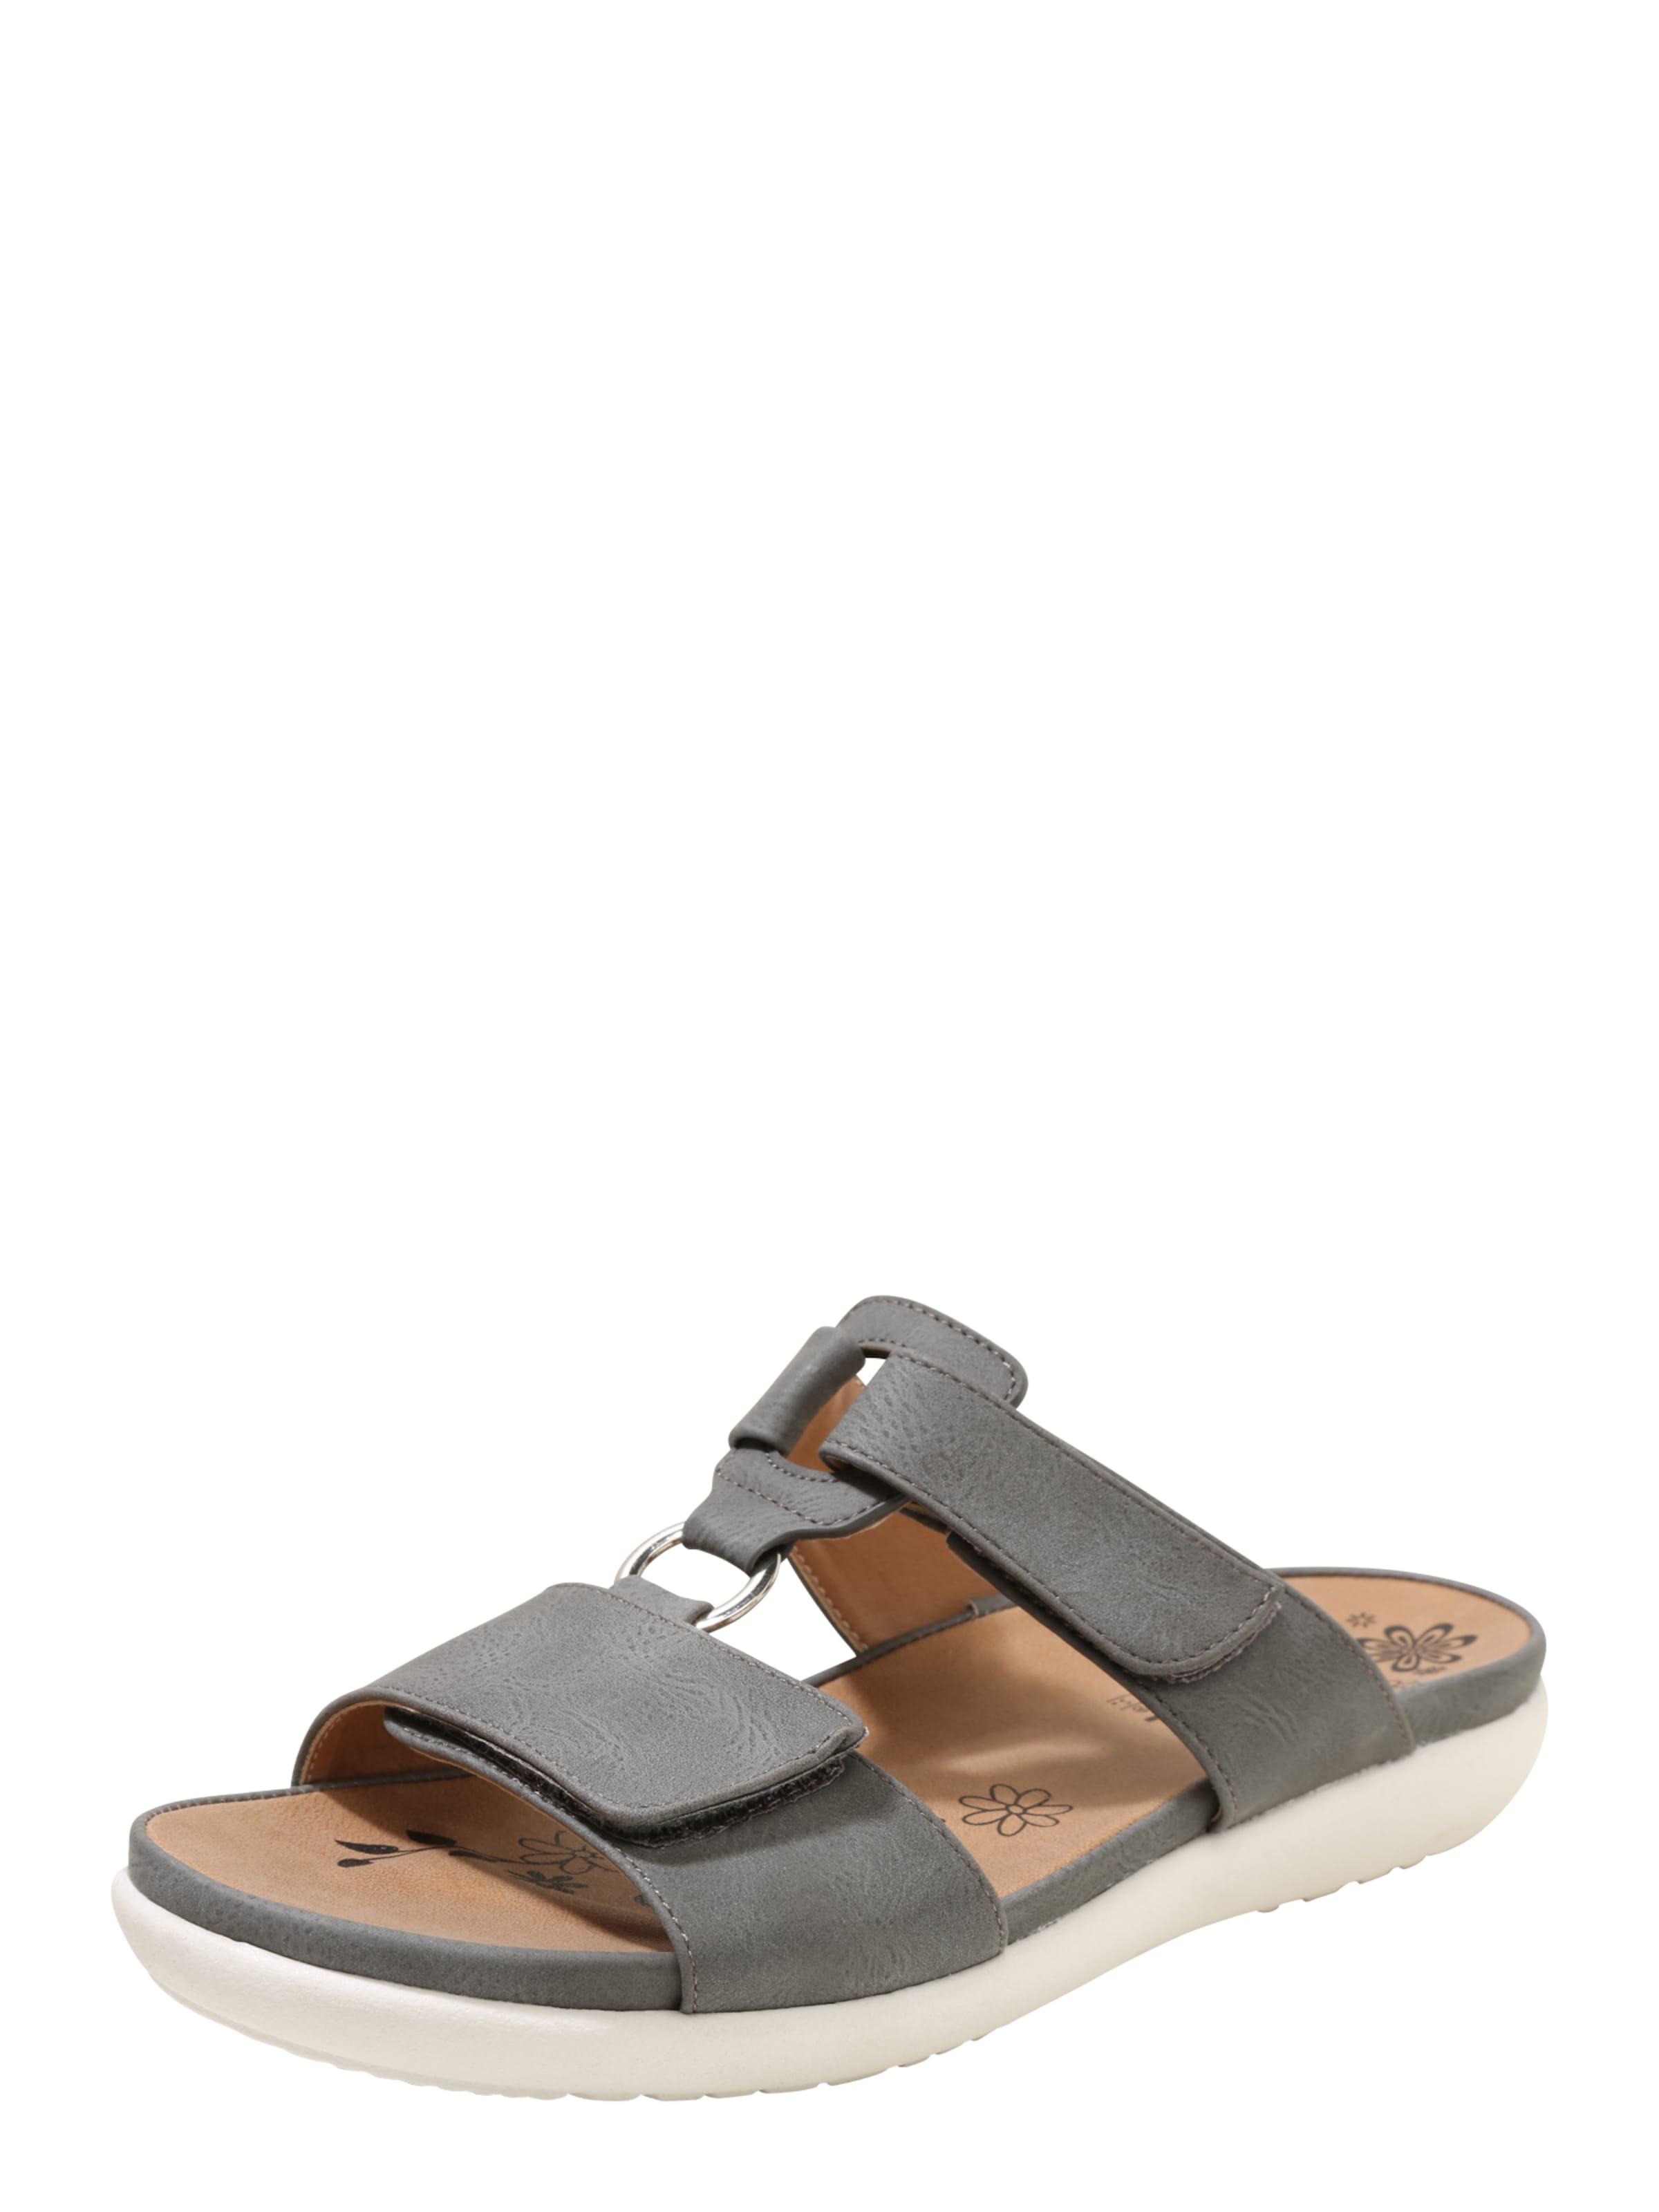 RIEKER Pantolette mit Klettverschluss Verschleißfeste billige Schuhe